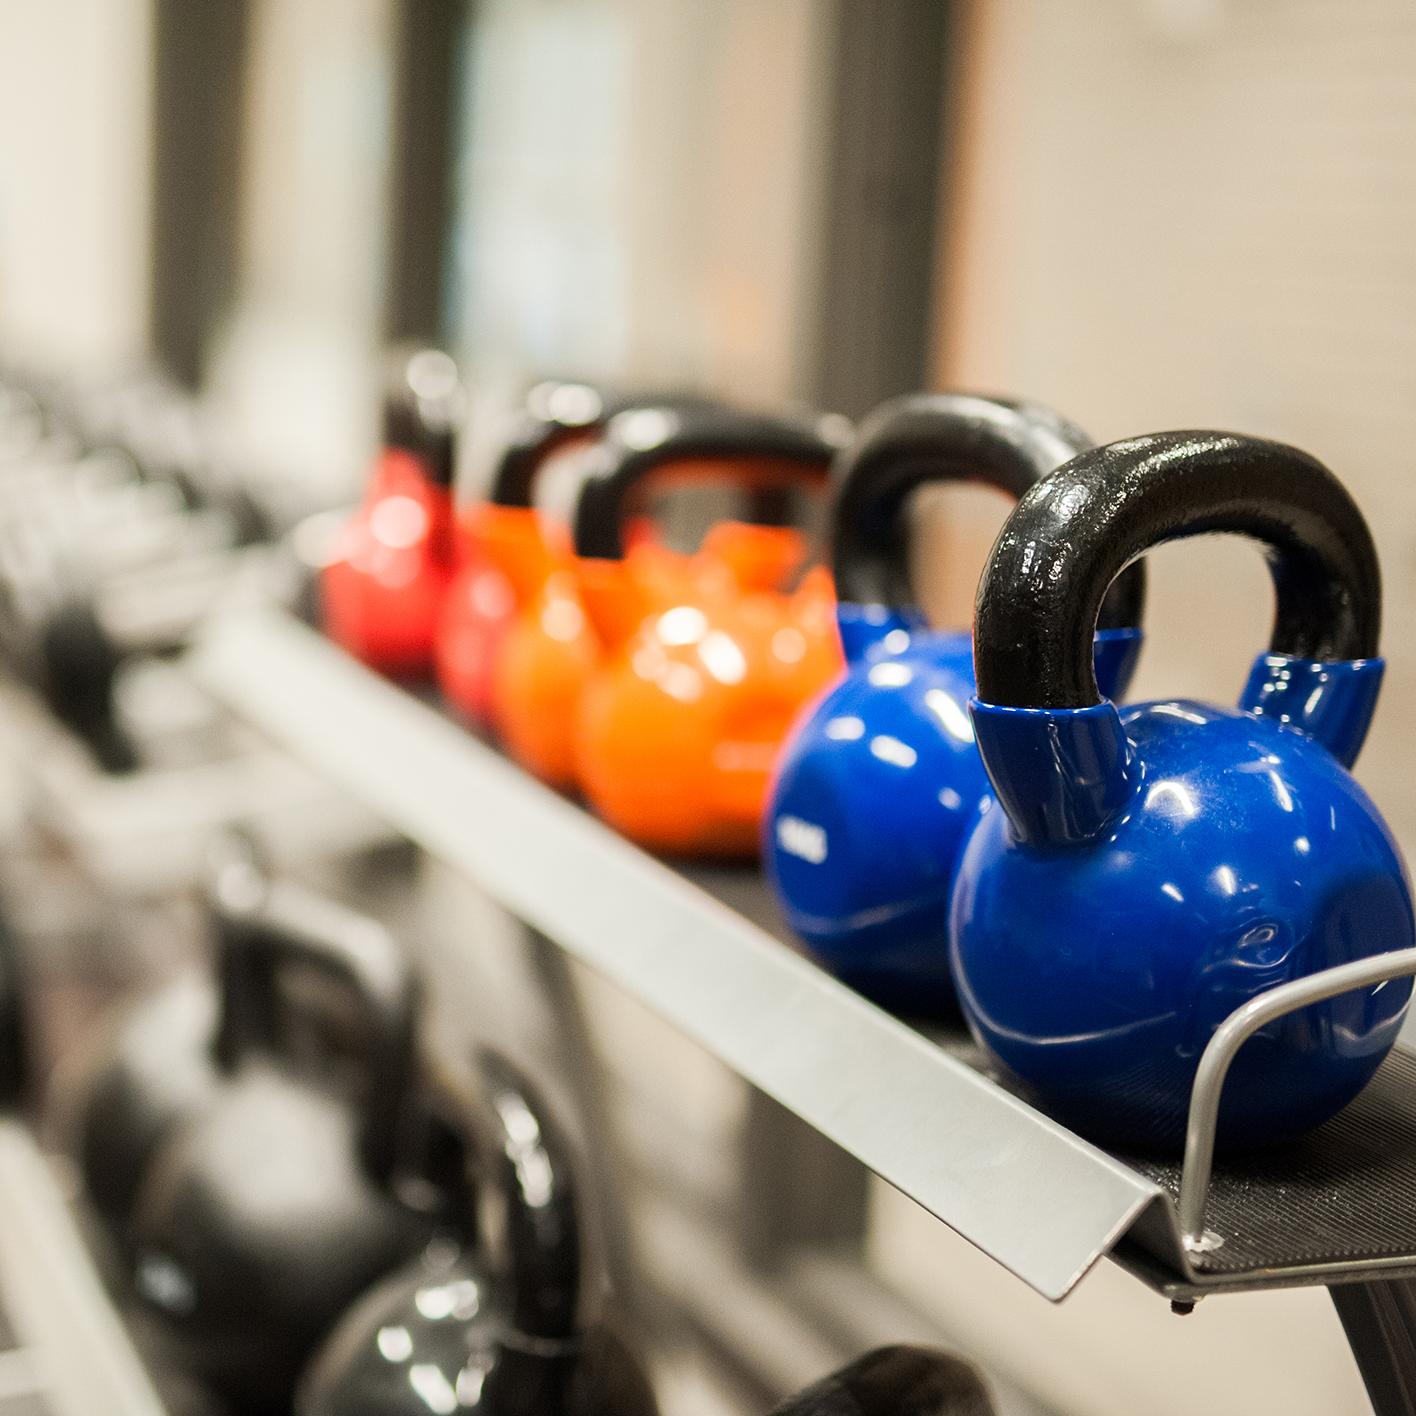 Ett ställ med färglada kettelbells på ett gym.